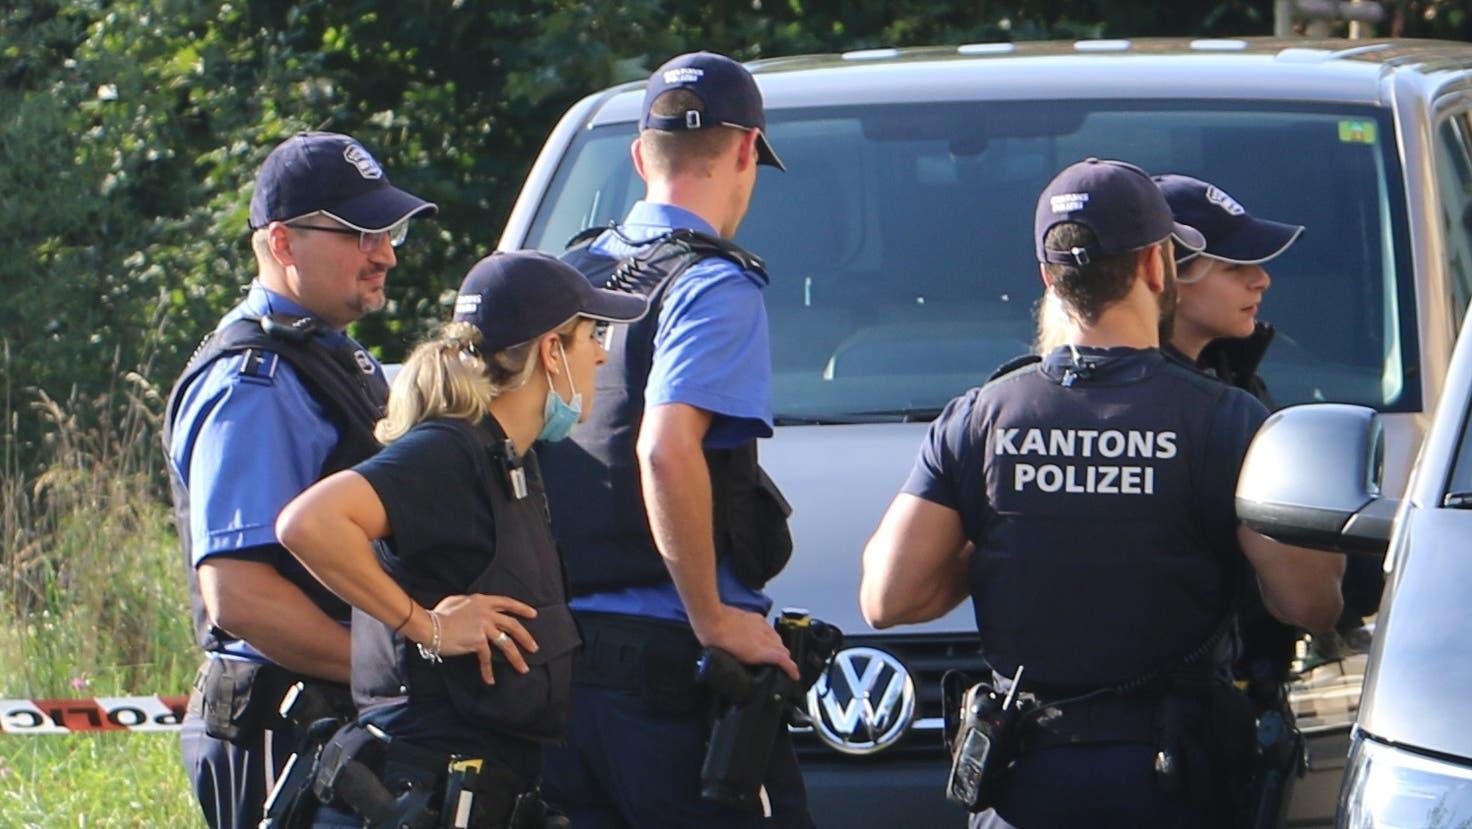 Die Polizei ermittelte bei einem Mehrfamilienhaus in Frick mit einem Grossaufgebot, nachdem sie dort in einer Wohnung zwei Tote vorfand. (Dennis Kalt / Aargauer Zeitung)